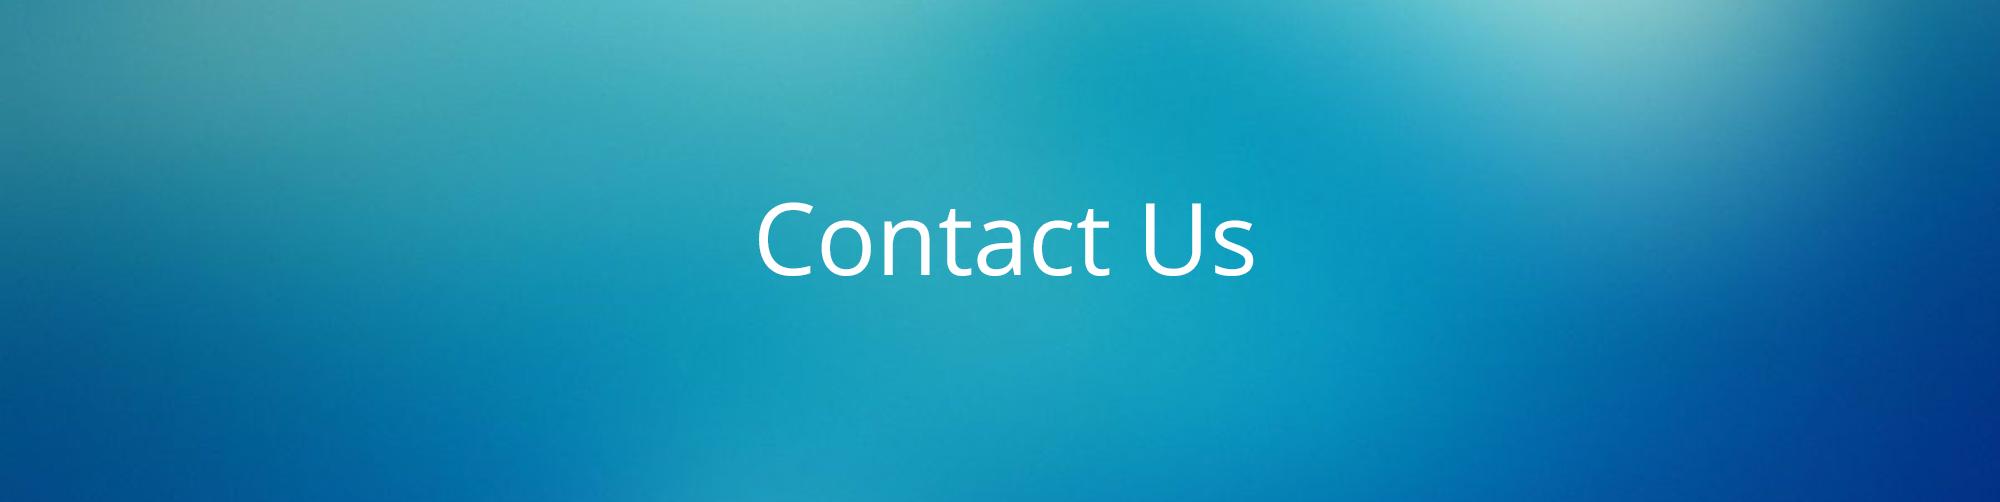 Headers-Contact